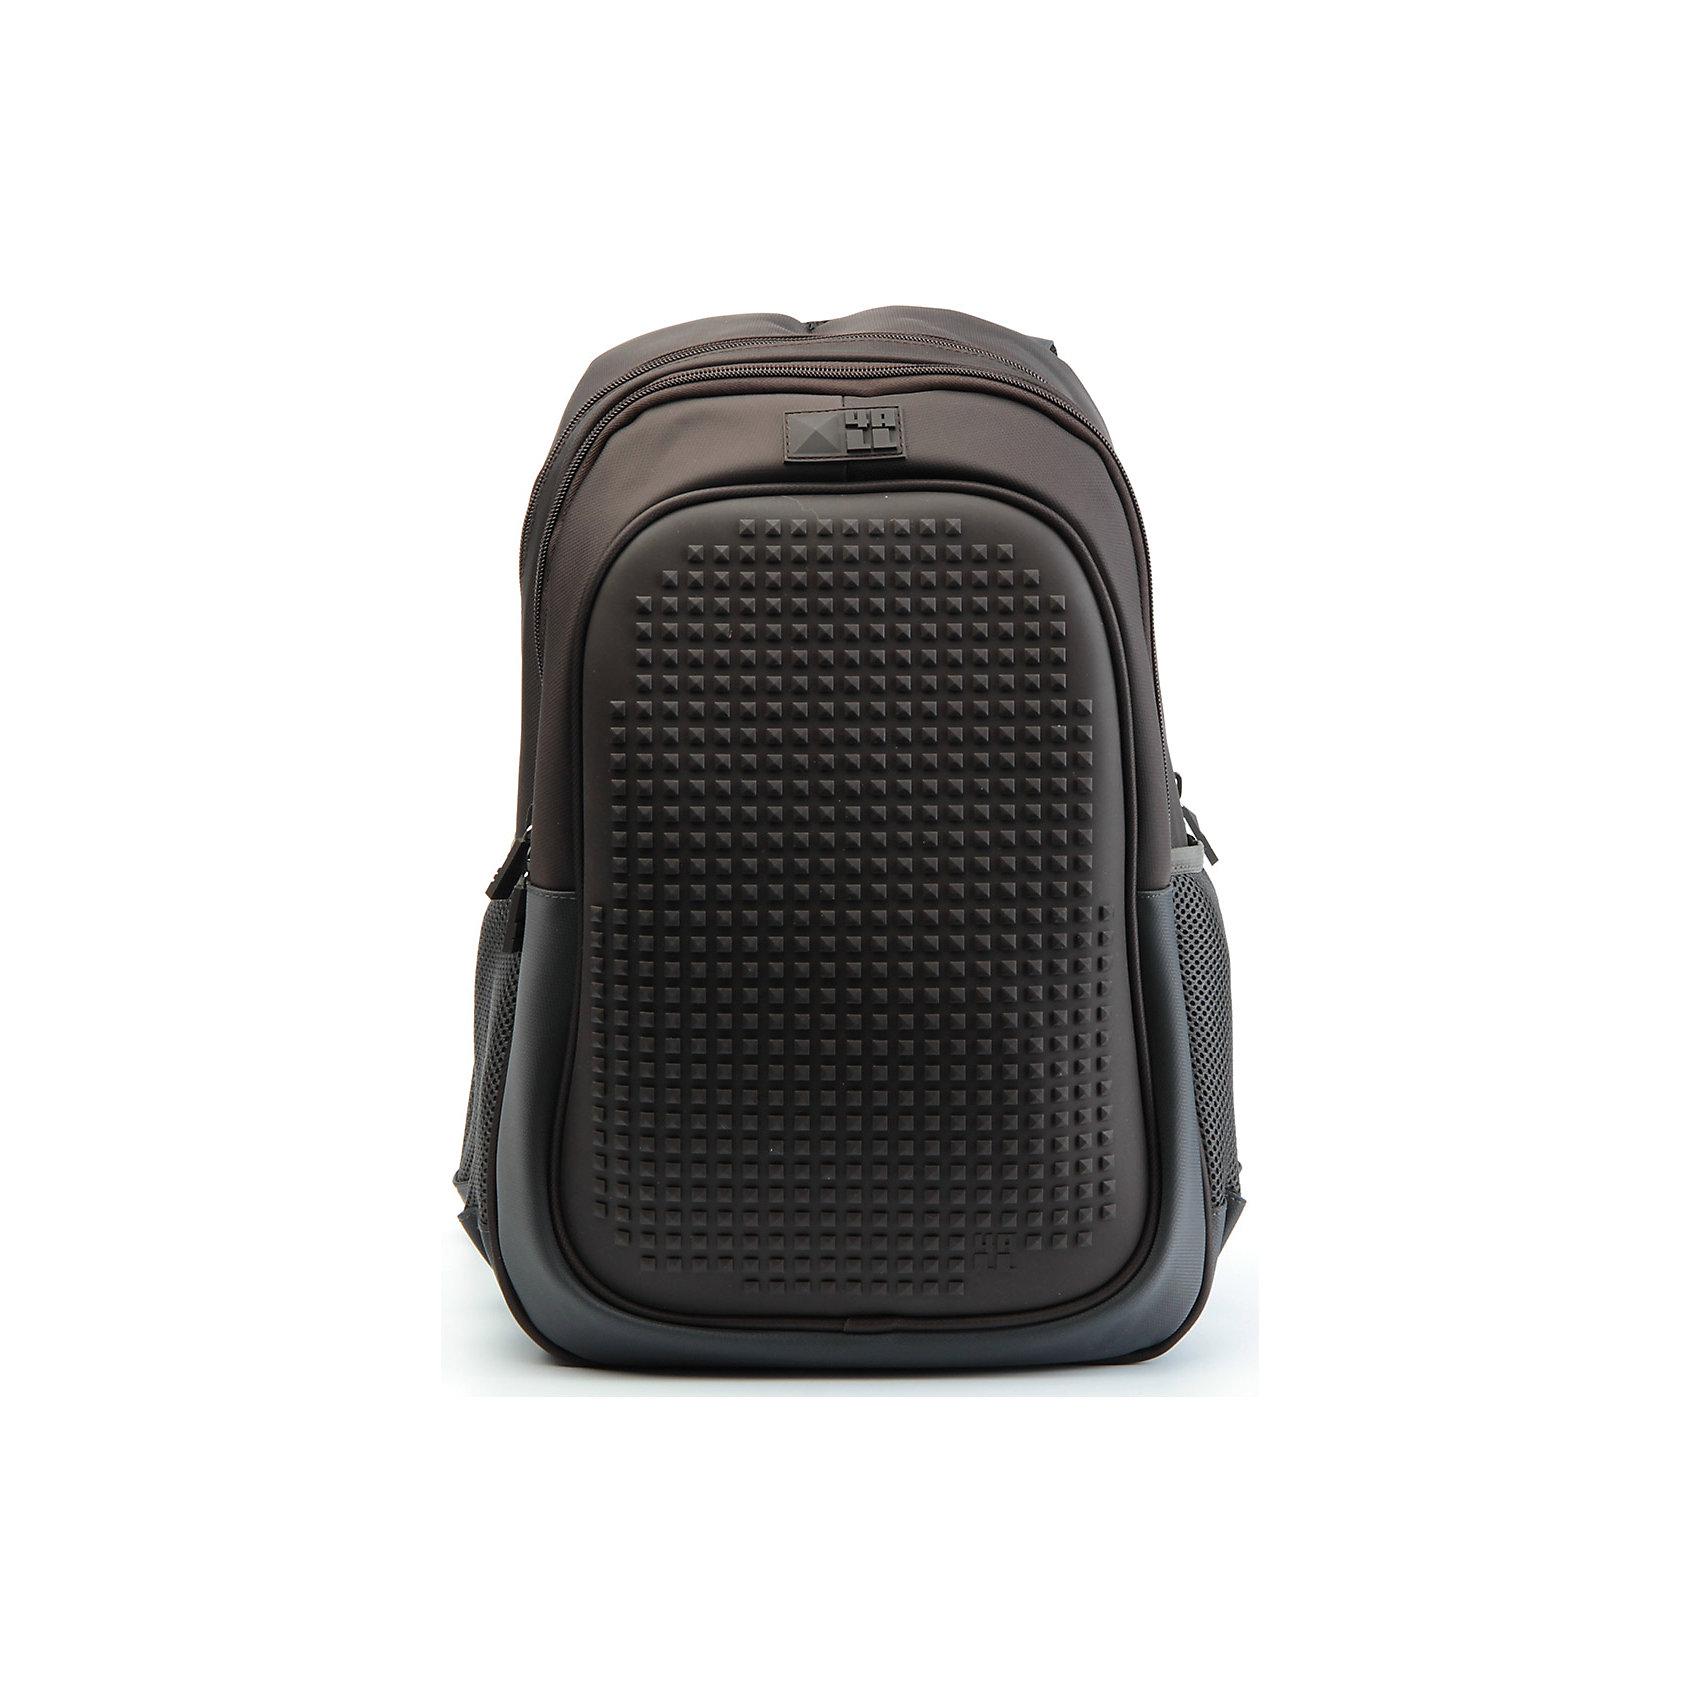 Рюкзак 4ALL  Case, темно-коричневыйРюкзаки<br>Яркий, вместительный рюкзак с одним большим отделением, карманом и силиконовой панелью для творчества. Развлечение и первые опыты в современном искусстве!<br>Такой современный и интересный ранец будет прекрасным подарком к 1 сентября!<br><br>Особенности:<br>AIR COMFORT system:<br>- Система свободной циркуляции воздуха между задней стенкой рюкзака и спиной ребенка.<br>- Совместно с ортопедической спиной ERGO system эта система воздухообмена делает ежедневное использование рюкзаков KIDS безопасным для здоровья и максимально комфортным!<br>ERGO system:<br>- Разработанная нами система ERGO служит равномерному распределению нагрузки на спину ребенка. Она способна сделать рюкзак, наполненный учебниками, легким. ERGO служит сохранению правильной осанки и заботится о здоровье позвоночника!<br>Ортопедическая спина:<br>- Важное свойство наших рюкзаков - ортопедическая спина! Способна как корсет поддерживать позвоночник, правильно распределяя нагрузку, а так же обеспечивает циркуляцию воздуха между задней стенкой рюкзака и спиной ребенка!<br>А также:<br>- Гипоаллергенный силикон;<br>- Водоотталкивающие материалы;<br>- Устойчивость всех материалов к температурам воздуха ниже 0!<br><br>Дополнительная информация:<br><br>- Рюкзак уже содержит 1 упаковку разноцветных пикселей-битов (300 шт.) для создания картинок<br>- Цвет: темно-коричневый;<br>- Объем рюкзака: 25,9 л.<br>- Размер в упаковке: 40х27х17 см.<br>- Вес в упаковке: 780 г.<br><br>Рюкзак Kids в темно-коричневом цвете , можно купить в нашем магазине.<br><br>Ширина мм: 400<br>Глубина мм: 270<br>Высота мм: 170<br>Вес г: 780<br>Возраст от месяцев: 72<br>Возраст до месяцев: 180<br>Пол: Унисекс<br>Возраст: Детский<br>SKU: 4786365